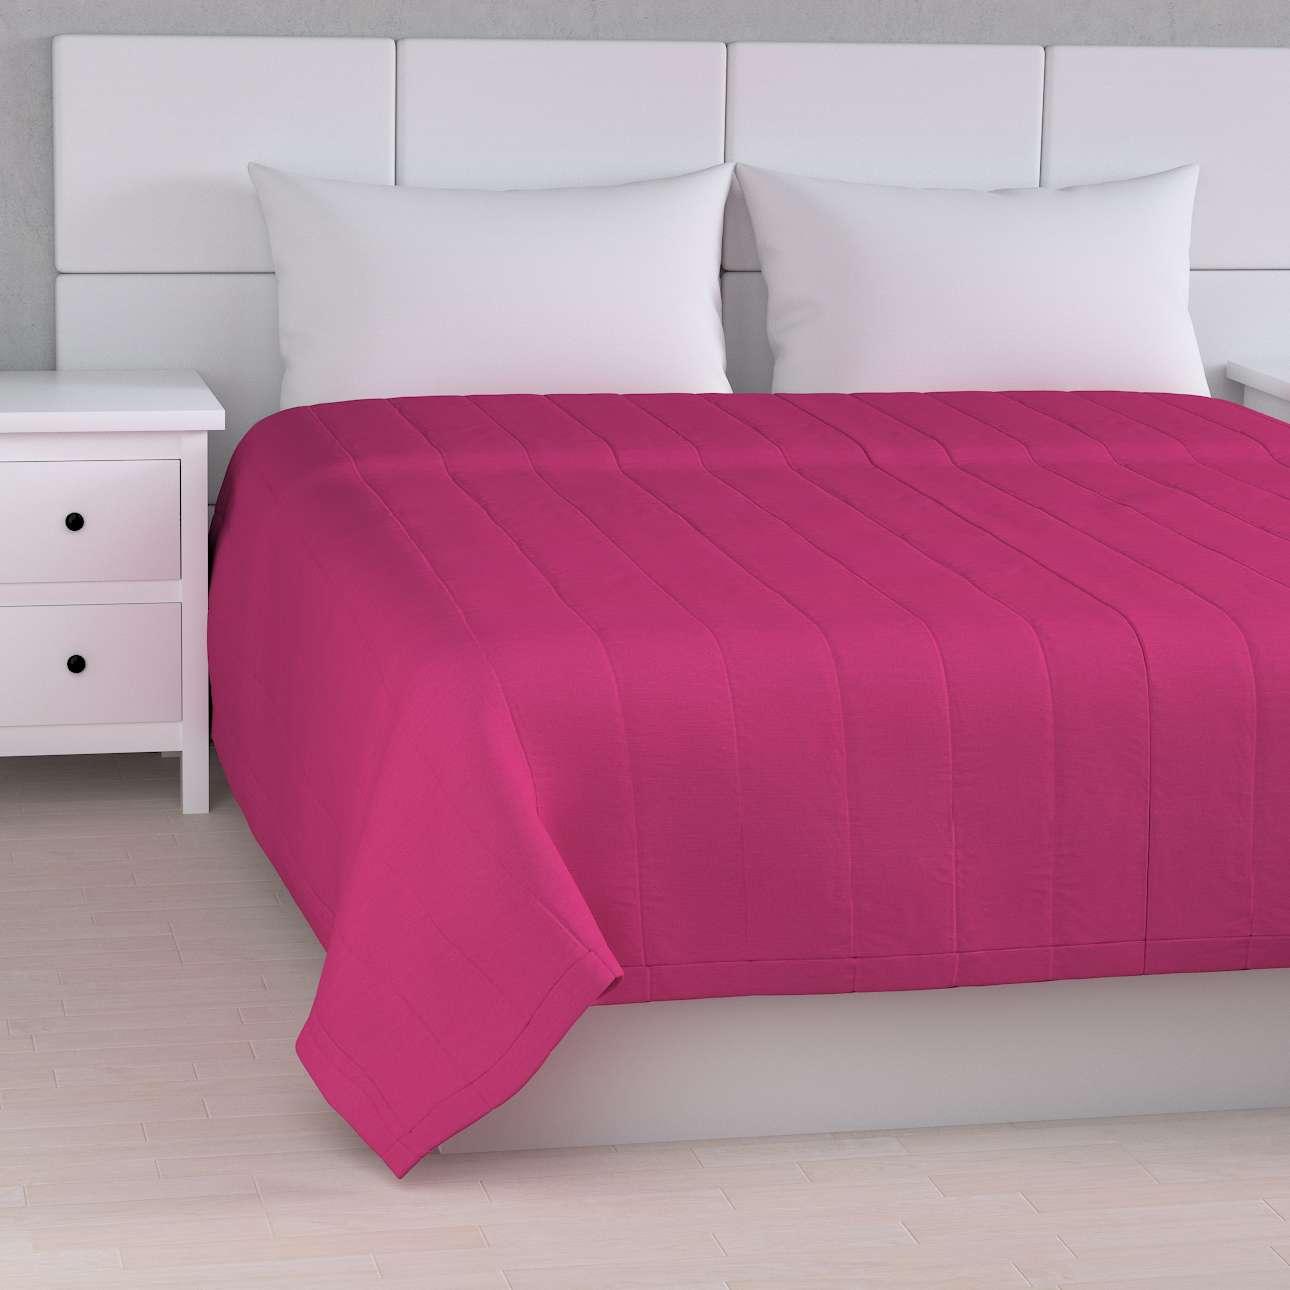 Cuvertura matlasata cu model în colecție Loneta , țesătură: 133-60